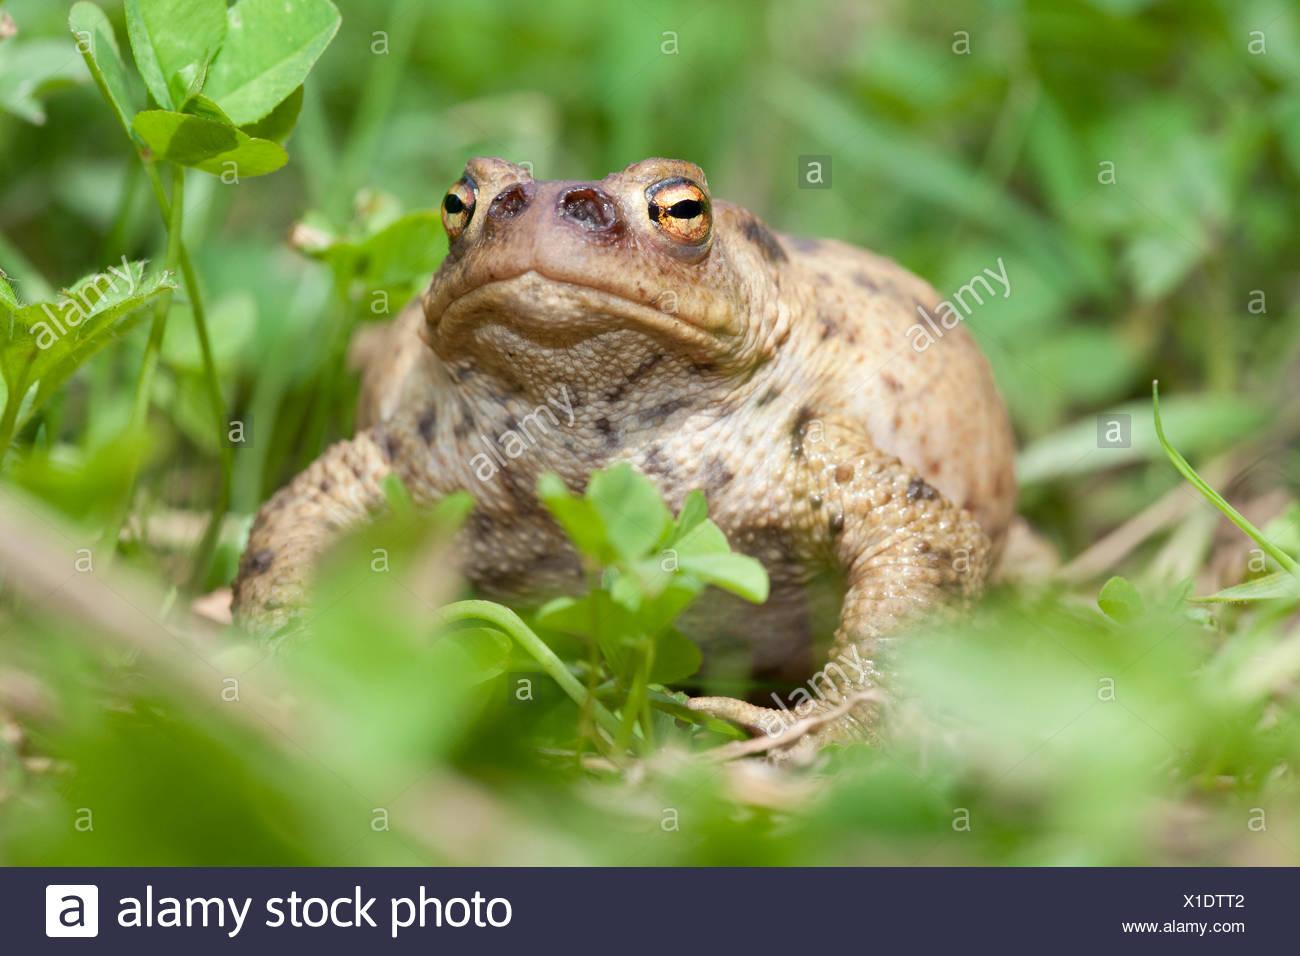 Foto van een gewone pad die geinfecteerd is met de larven van de groene paddenvlieg. Deze vlieg legt haar eitjes in de neusgaten van een pad, de larven (maden) eten dan langzaam de pad op, hier zie je dat de neusgaten al zijn uitgegeten, de pad zal aan een langzame (waarschijnlijk pijnlijke) dood sterven; Photo of a common toad that has been infected by the Lucilia bufonivora fly. This fly places her eggs in the nostril of the toad, the larvae then slowly eat the toad from the inside which finally results in death; - Stock Image